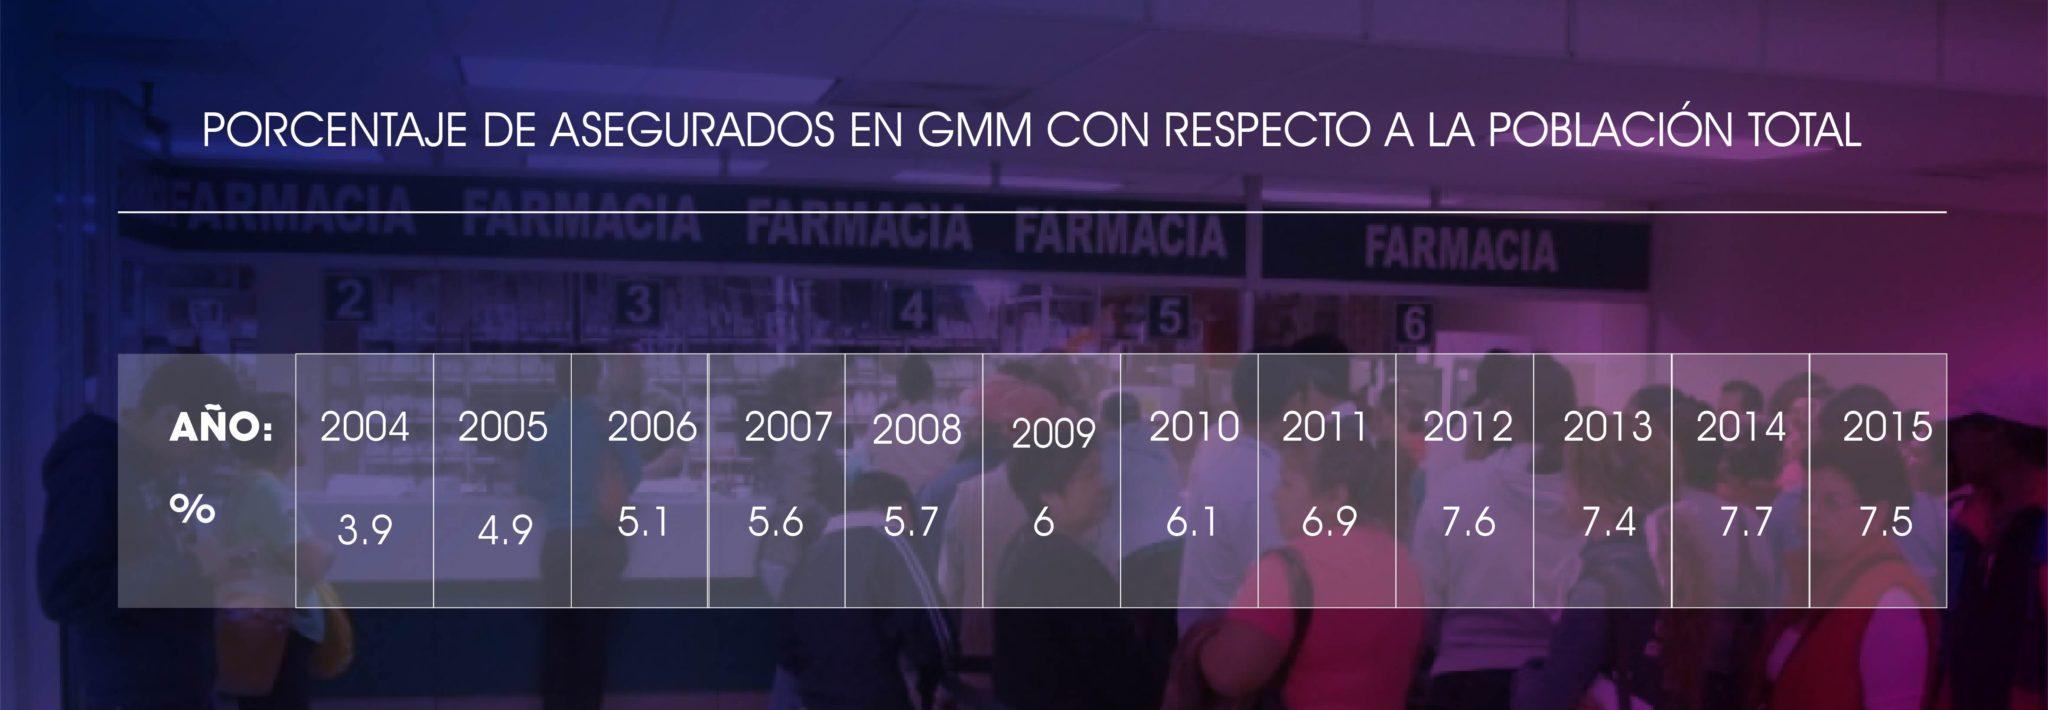 asegurados de gmm vs población total